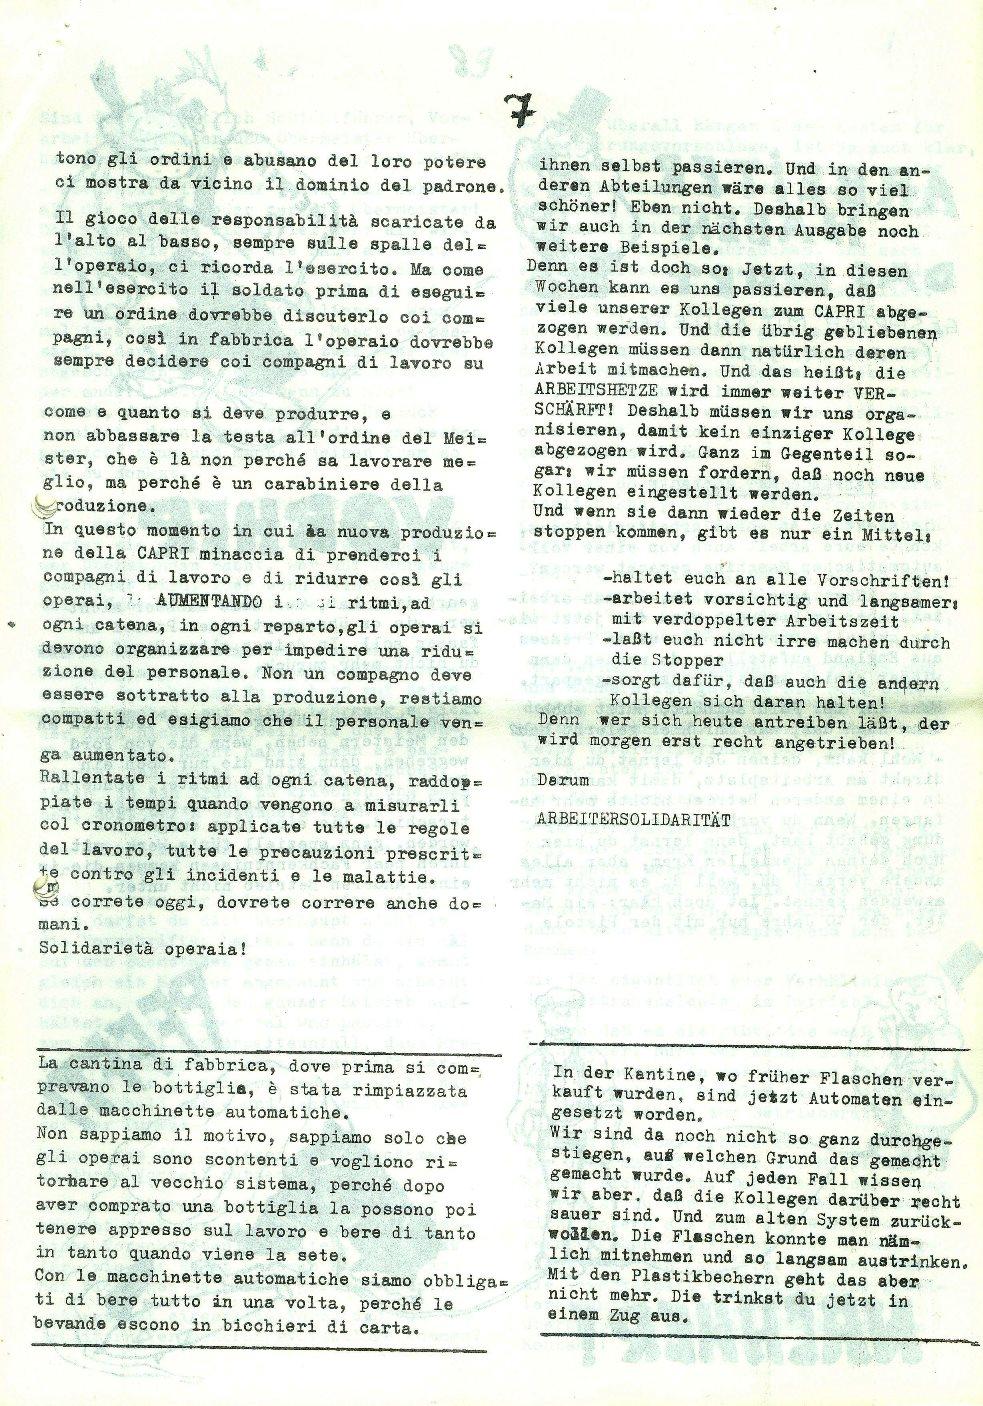 Saarlouis013